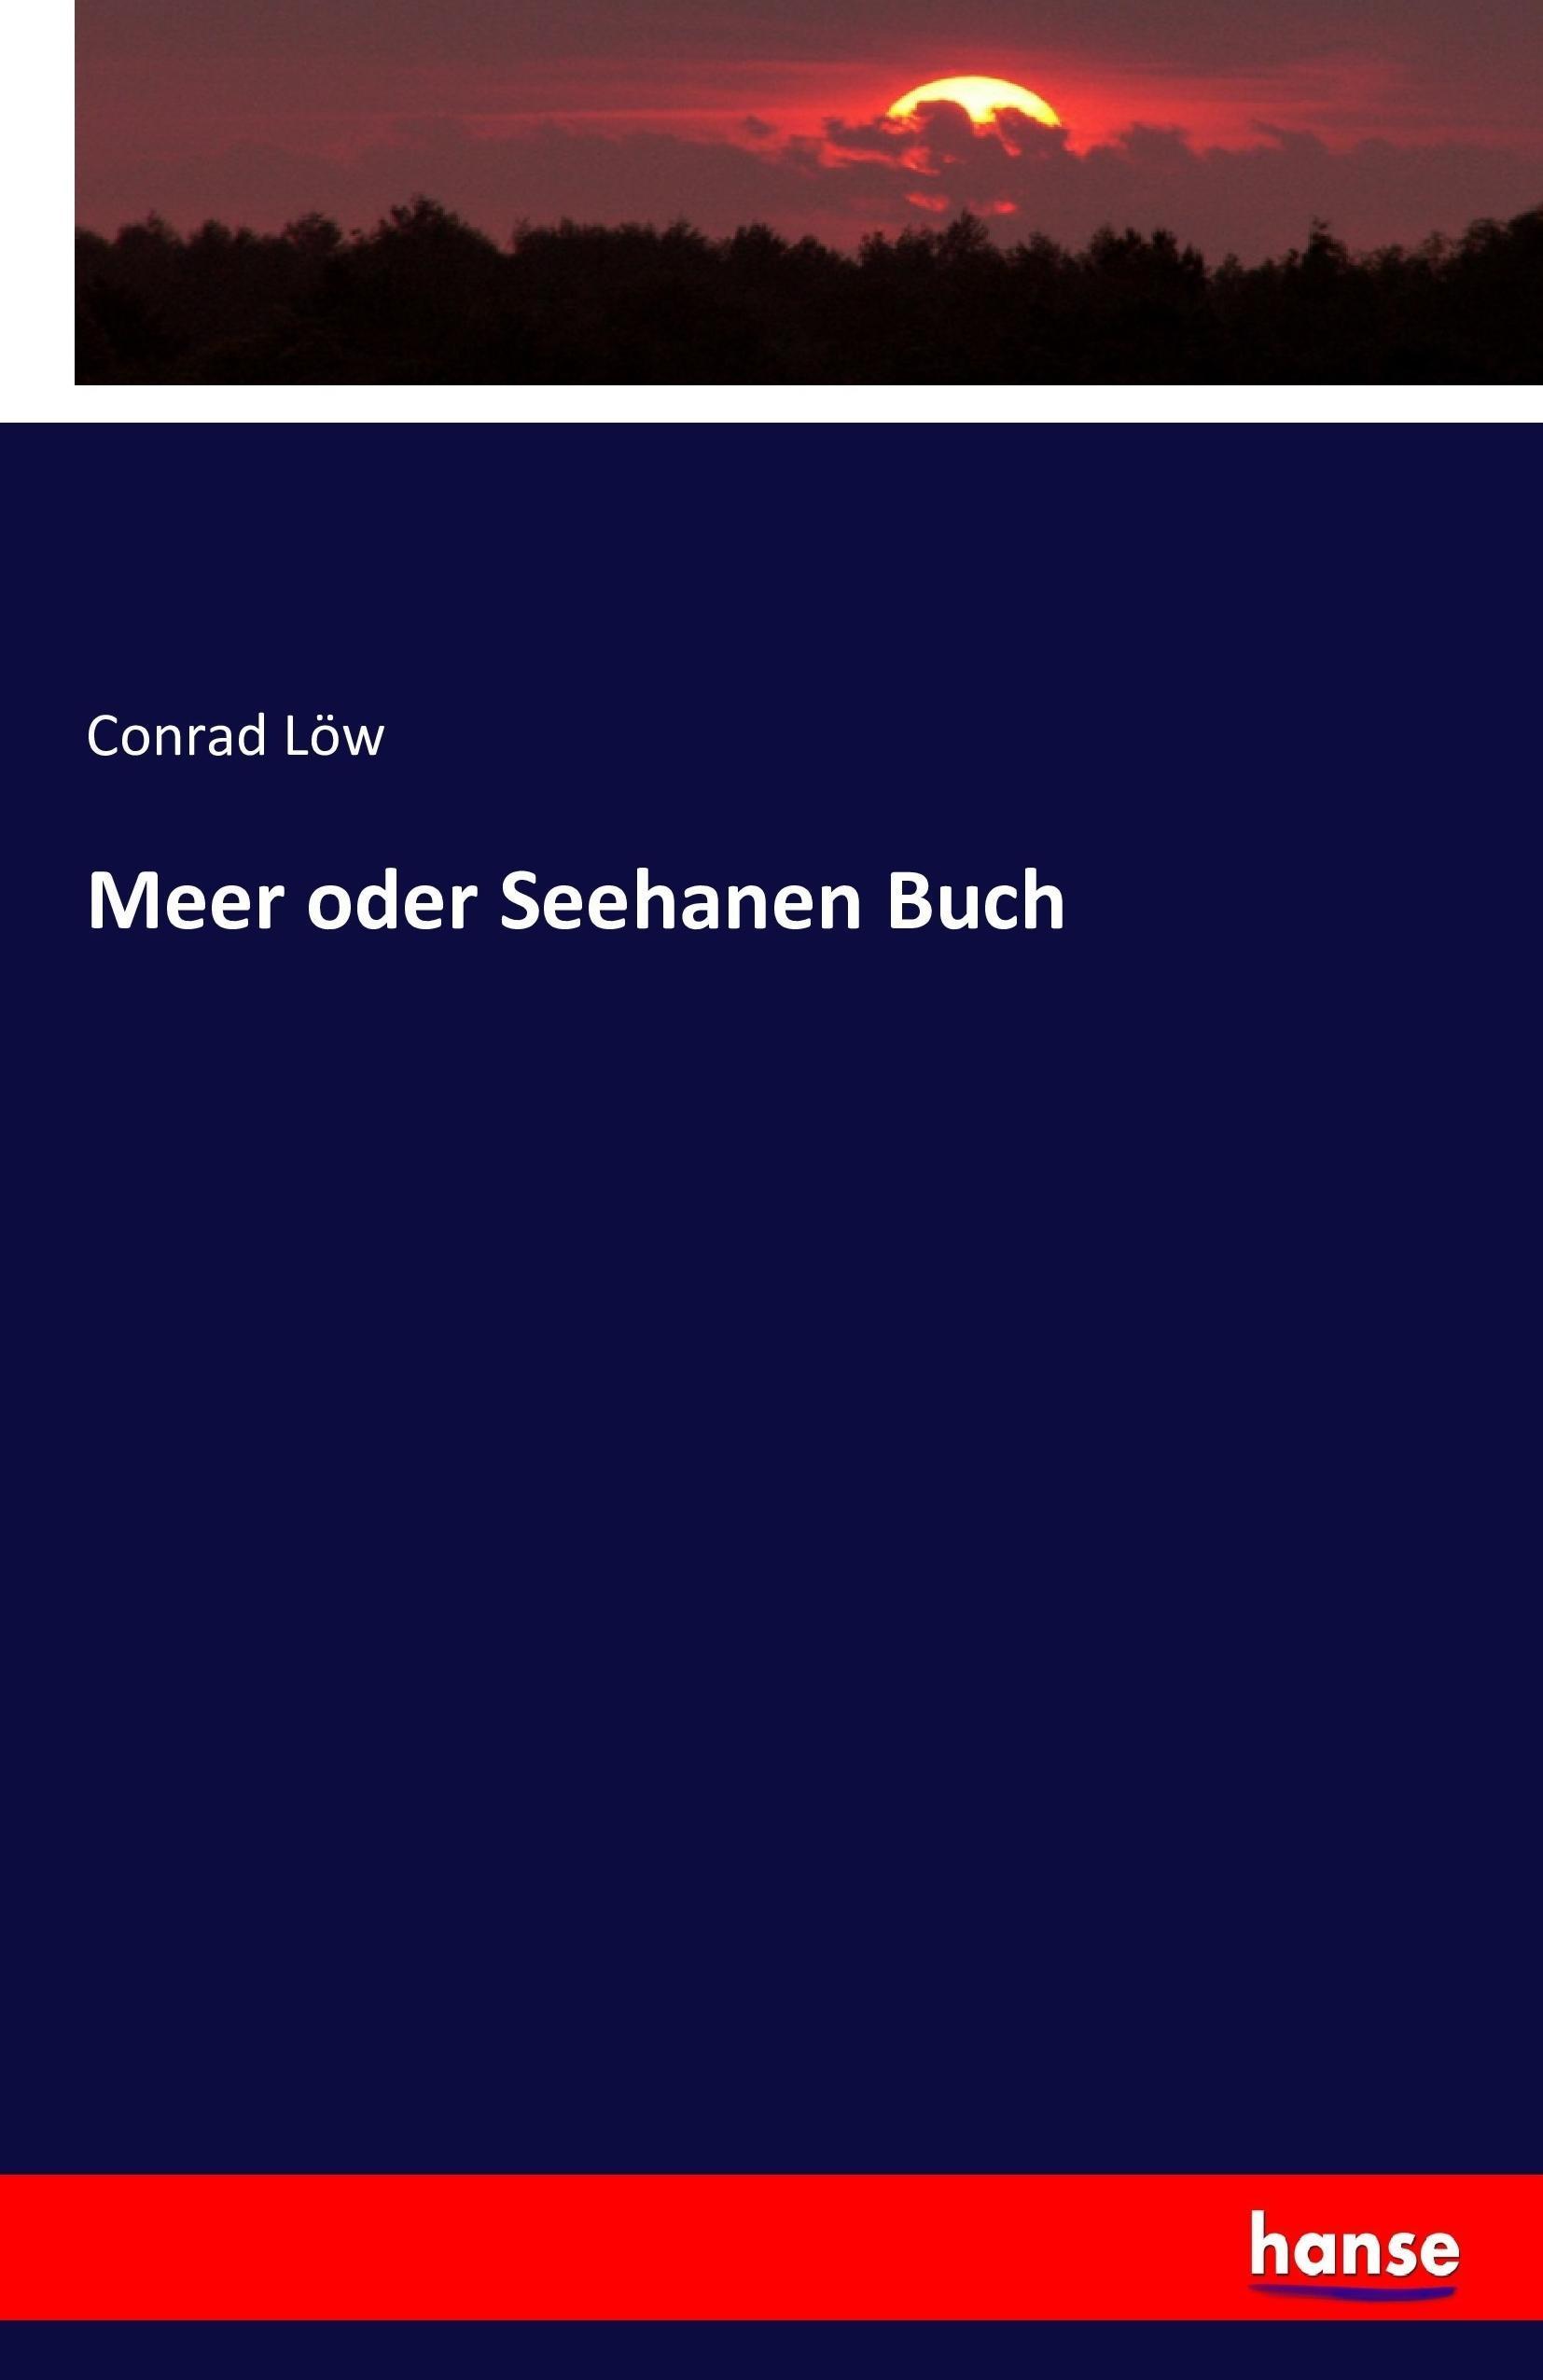 Conrad Löw / Meer oder Seehanen Buch 9783742826787